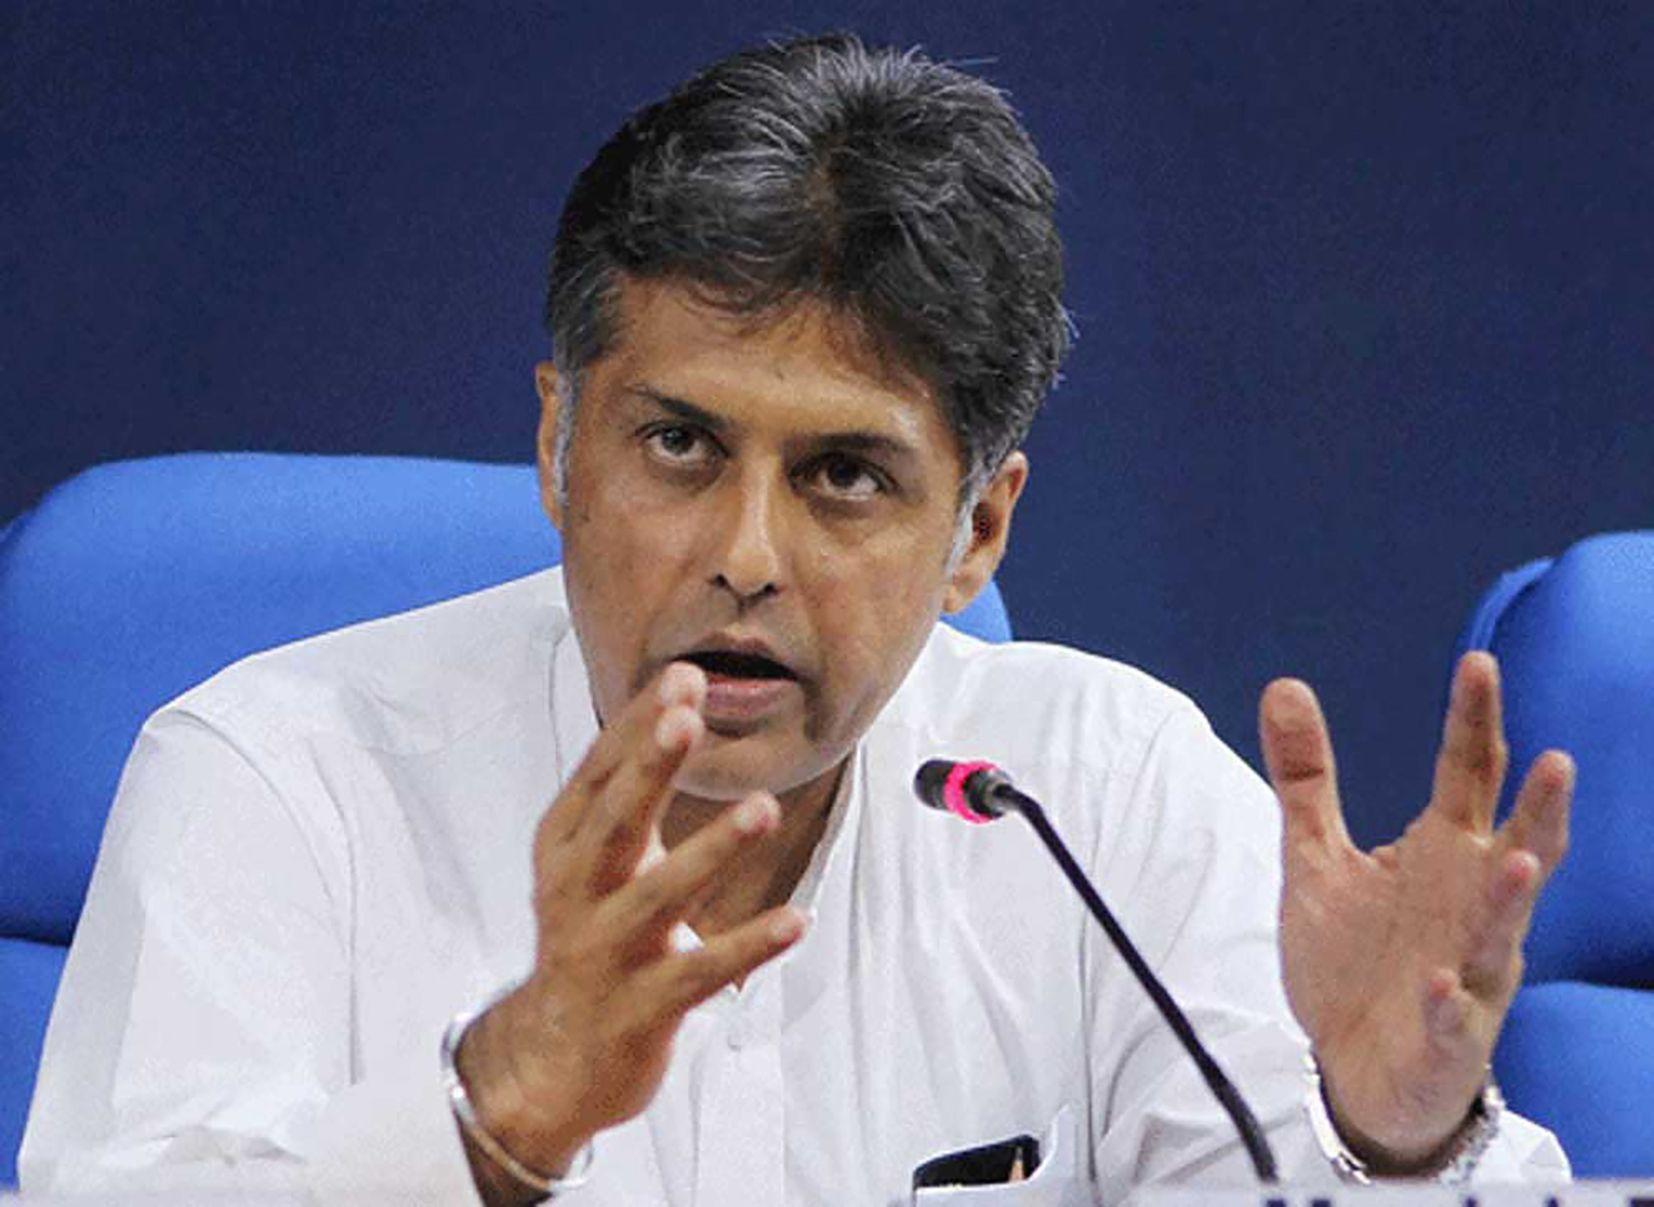 Punjab Congress Crisis: Why can't a Dalit, Hindu or OBC become Punjab CM? Asks Manish Tiwari